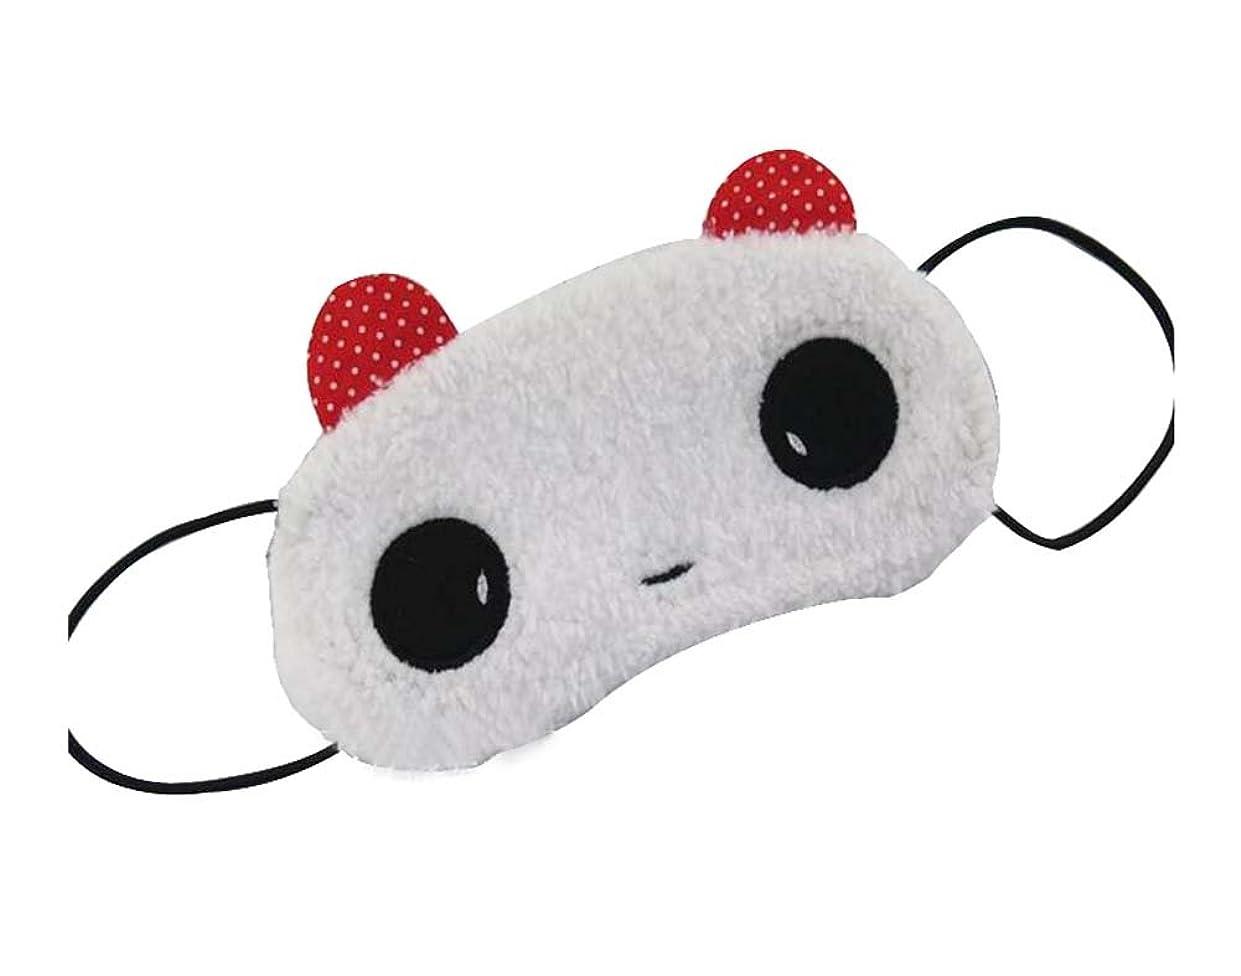 アルファベット遅滞場合素敵な子供の目のマスクGirl's Hairy Eyeshades、Cute Panda